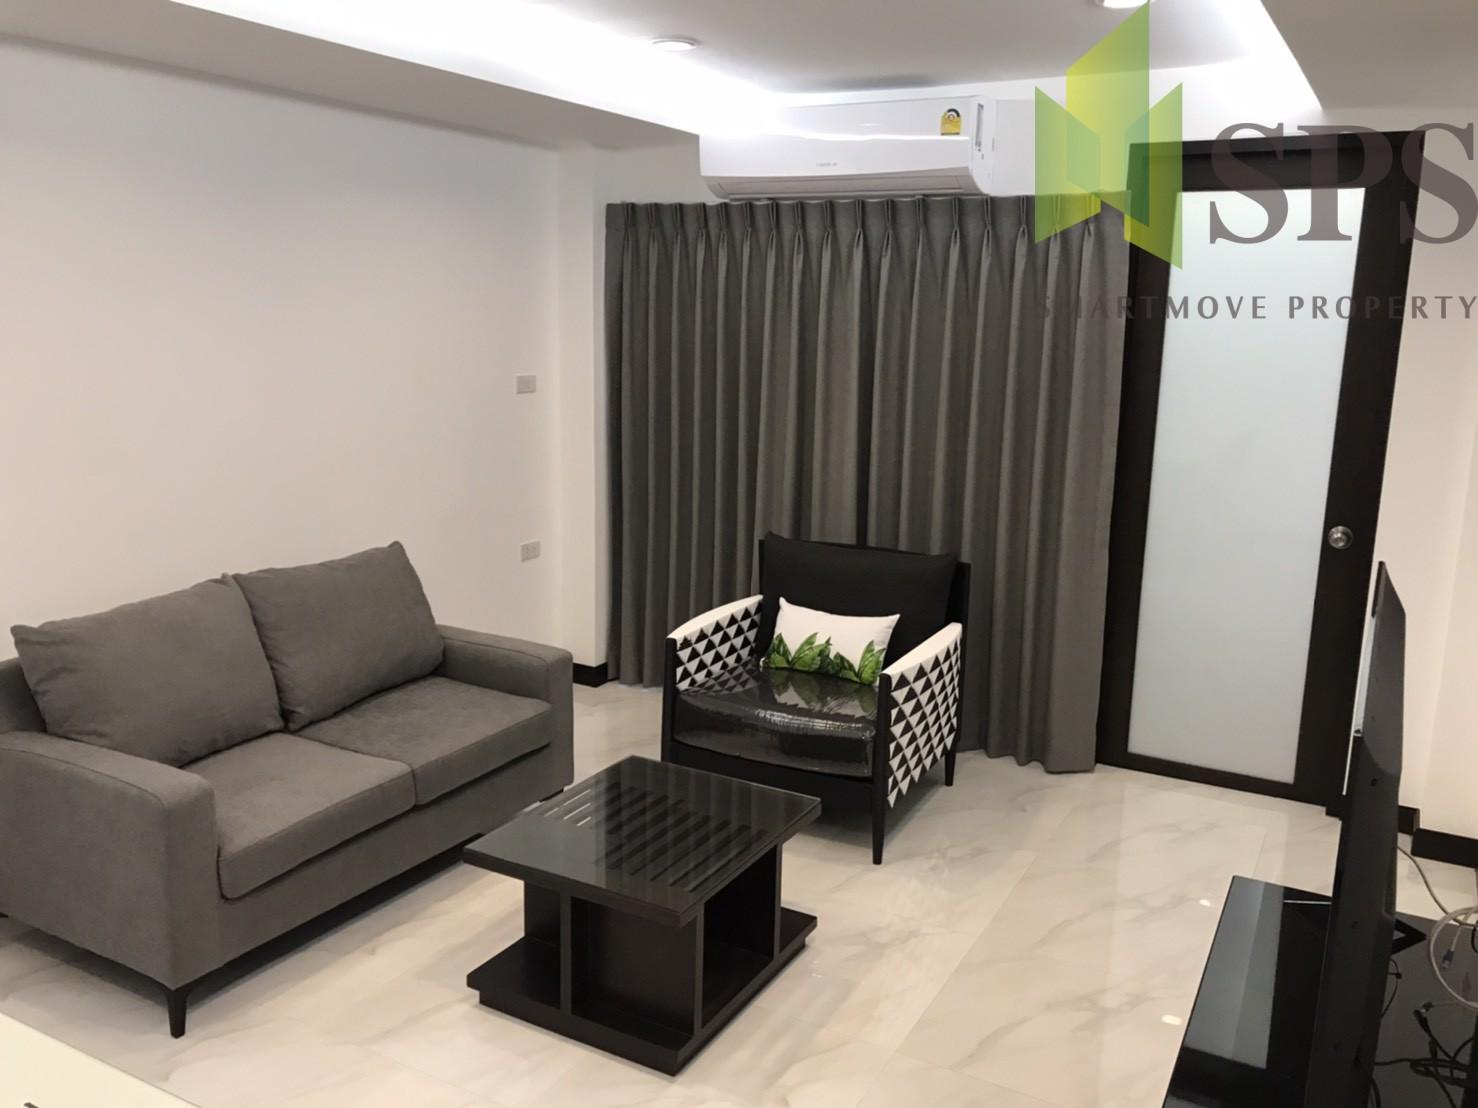 36 D.Well Apartment Sukhimvit 101/1 (SPS-GC600)